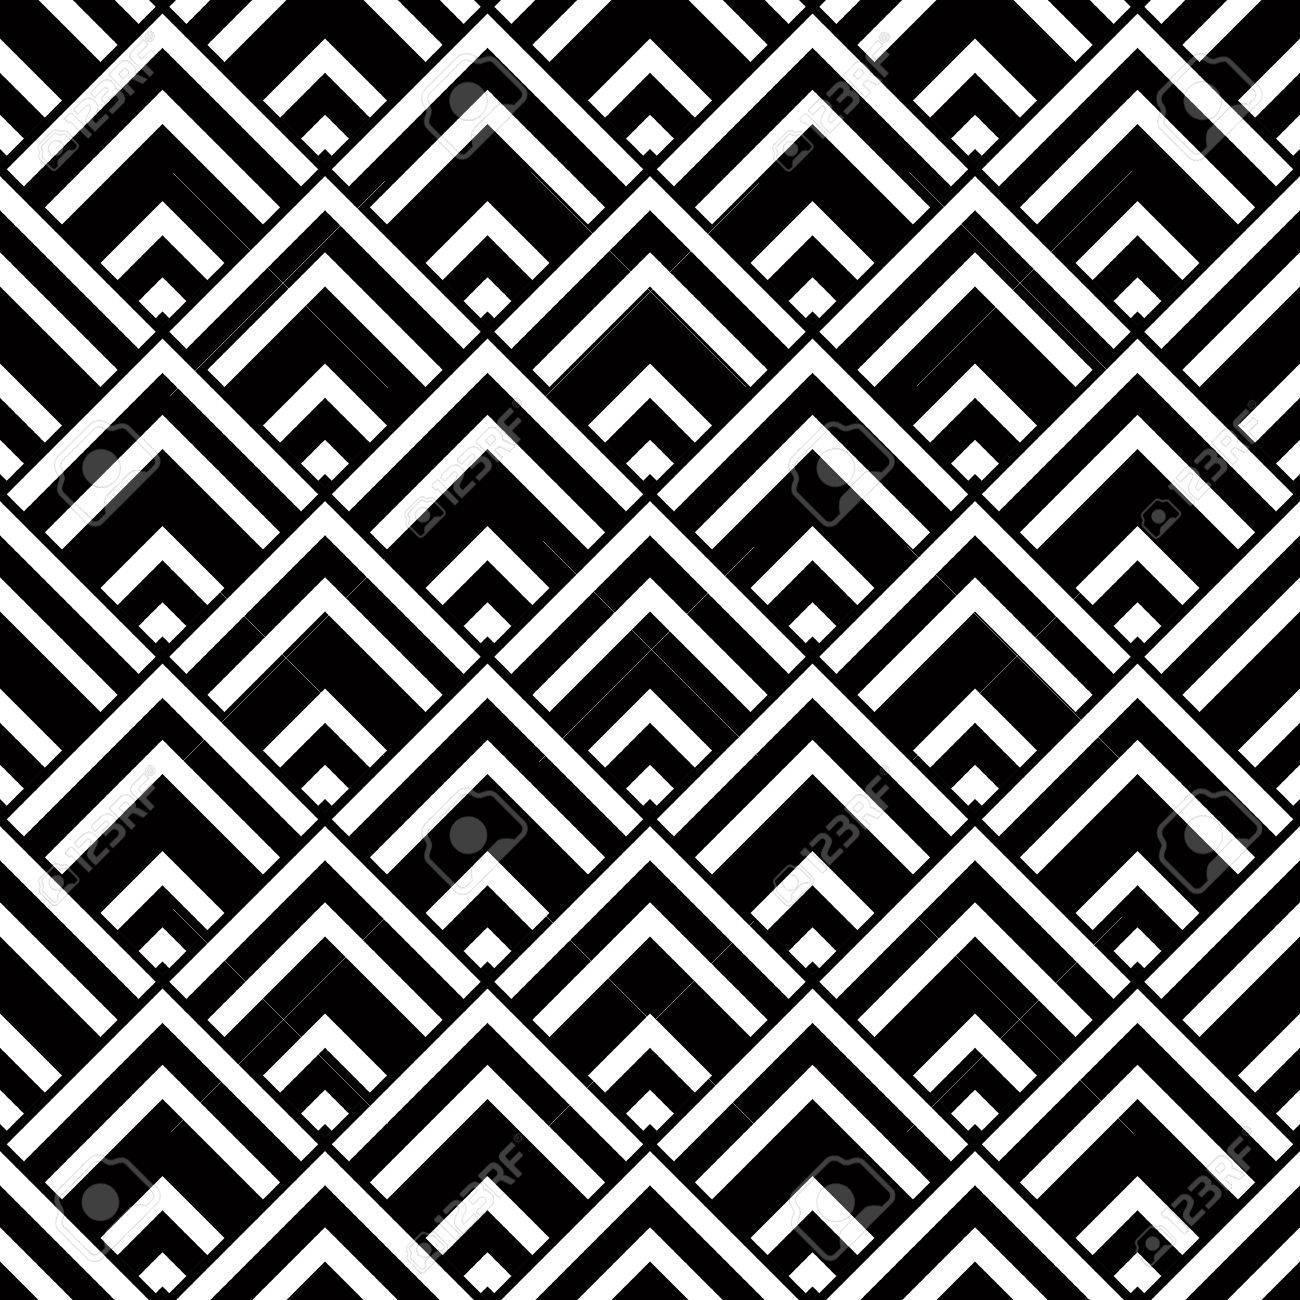 Nahtlose Geometrischen Vektor Hintergrund Einfache Schwarz Weiß